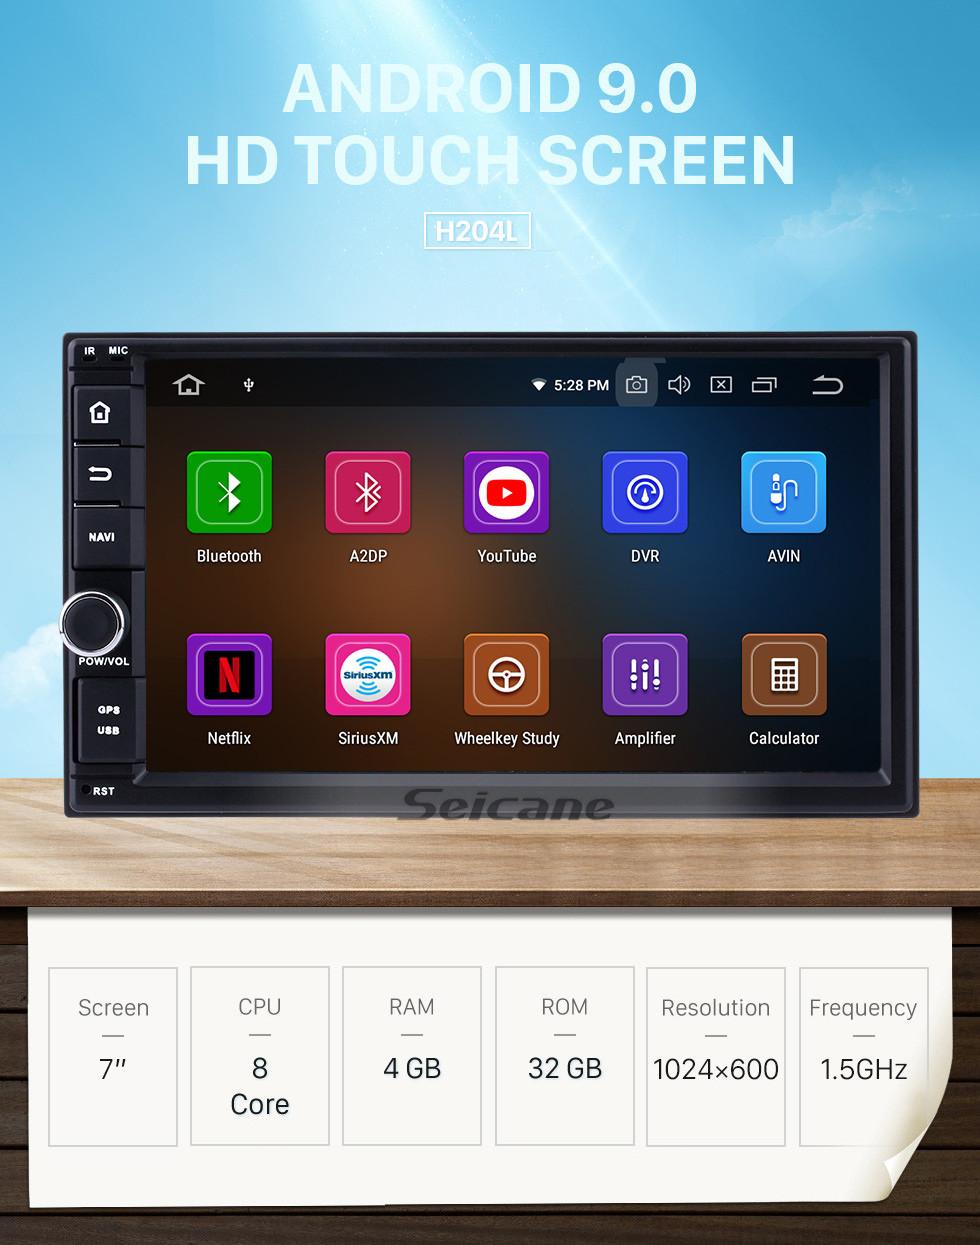 Seicane Venta caliente Android 9.0 2005-2011 Kia rio Navegación GPS Car Audio Pantalla táctil AM Radio FM Música Bluetooth 3G WiFi OBD2 Mirror Link AUX Cámara de respaldo USB SD 1080P Video